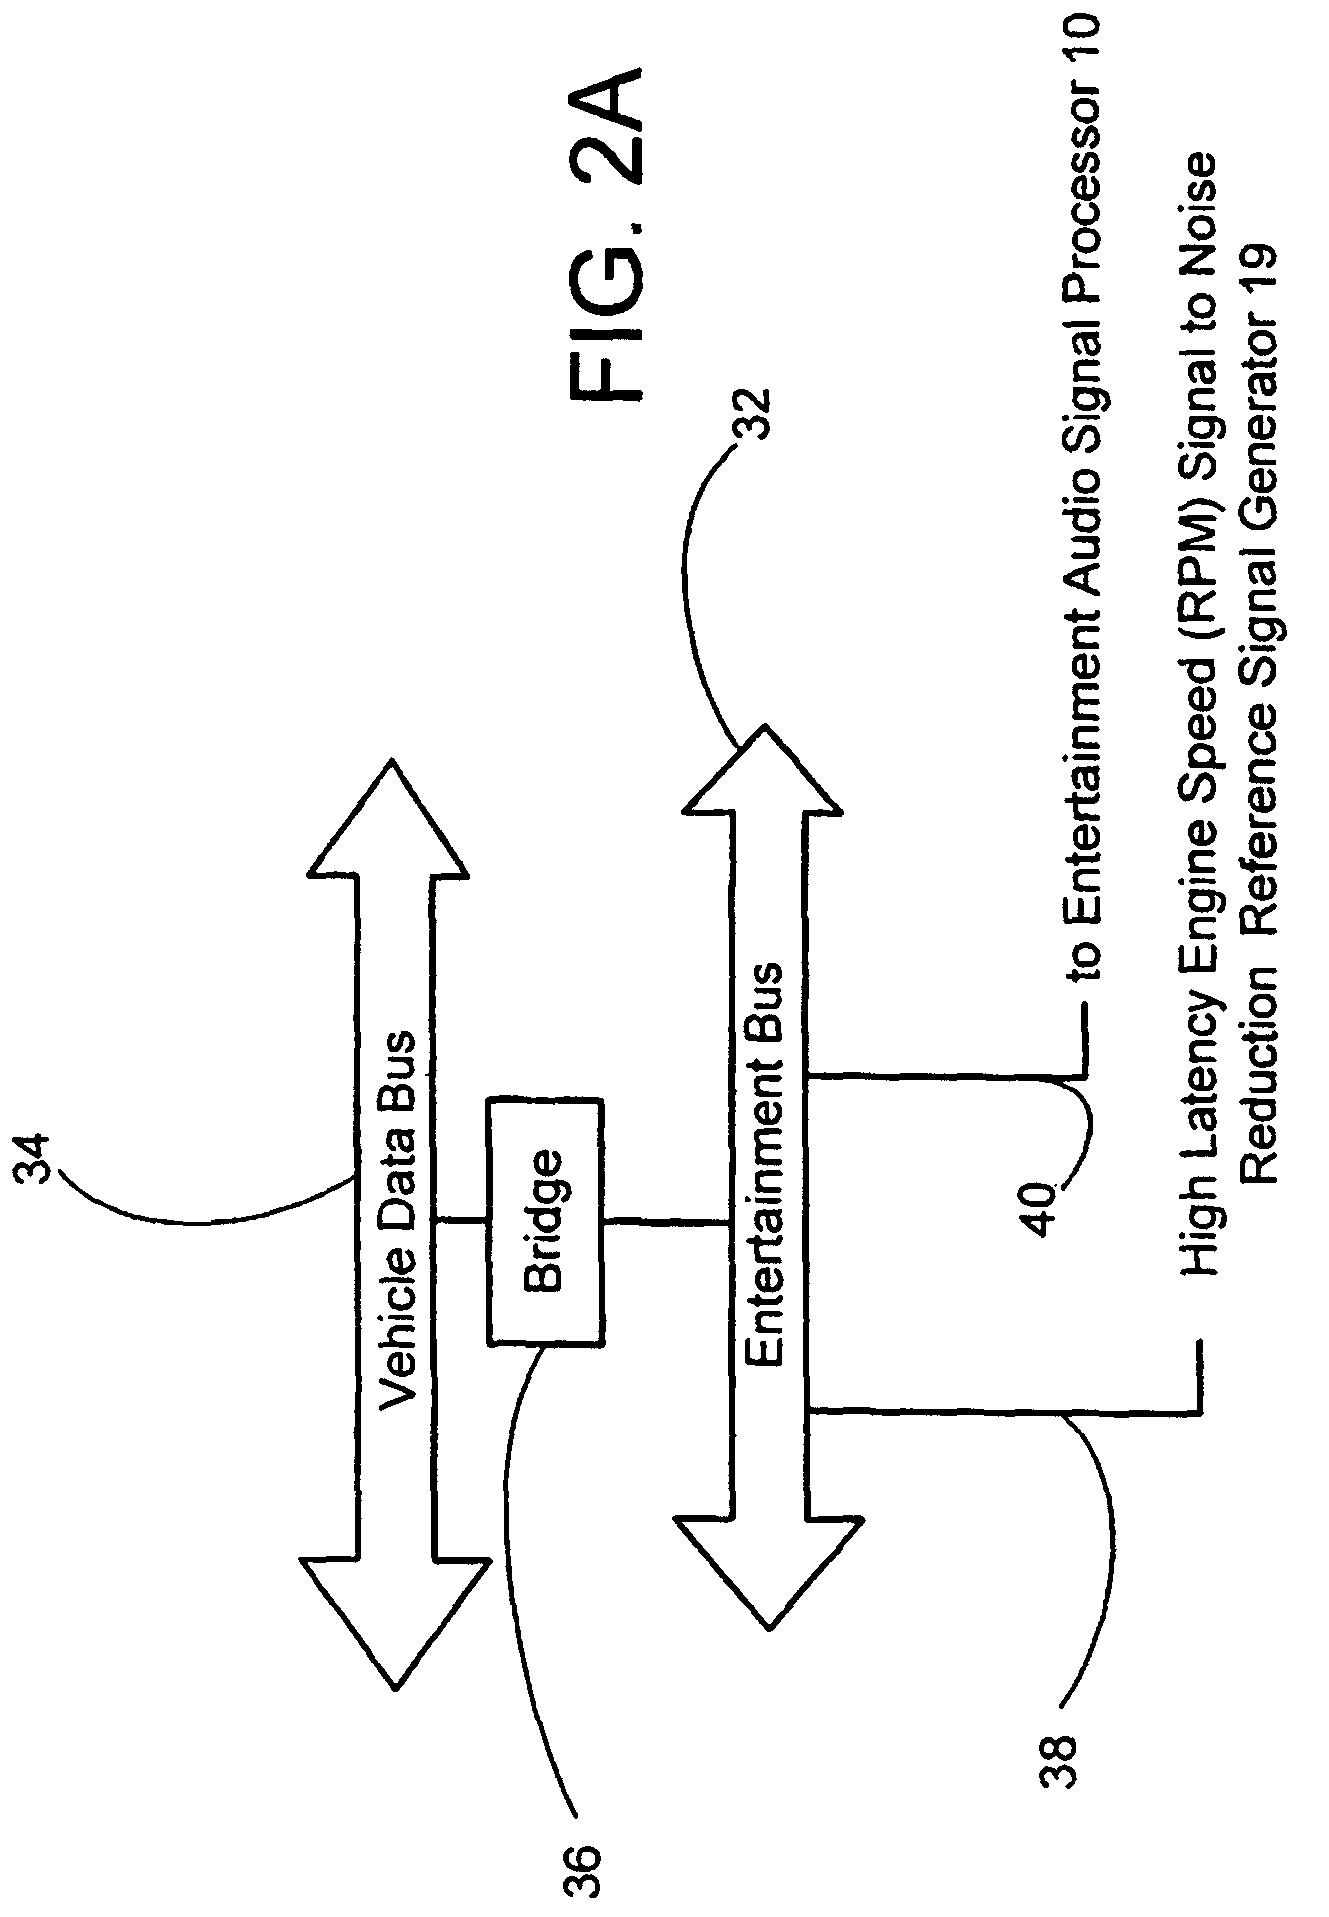 patent us8194873